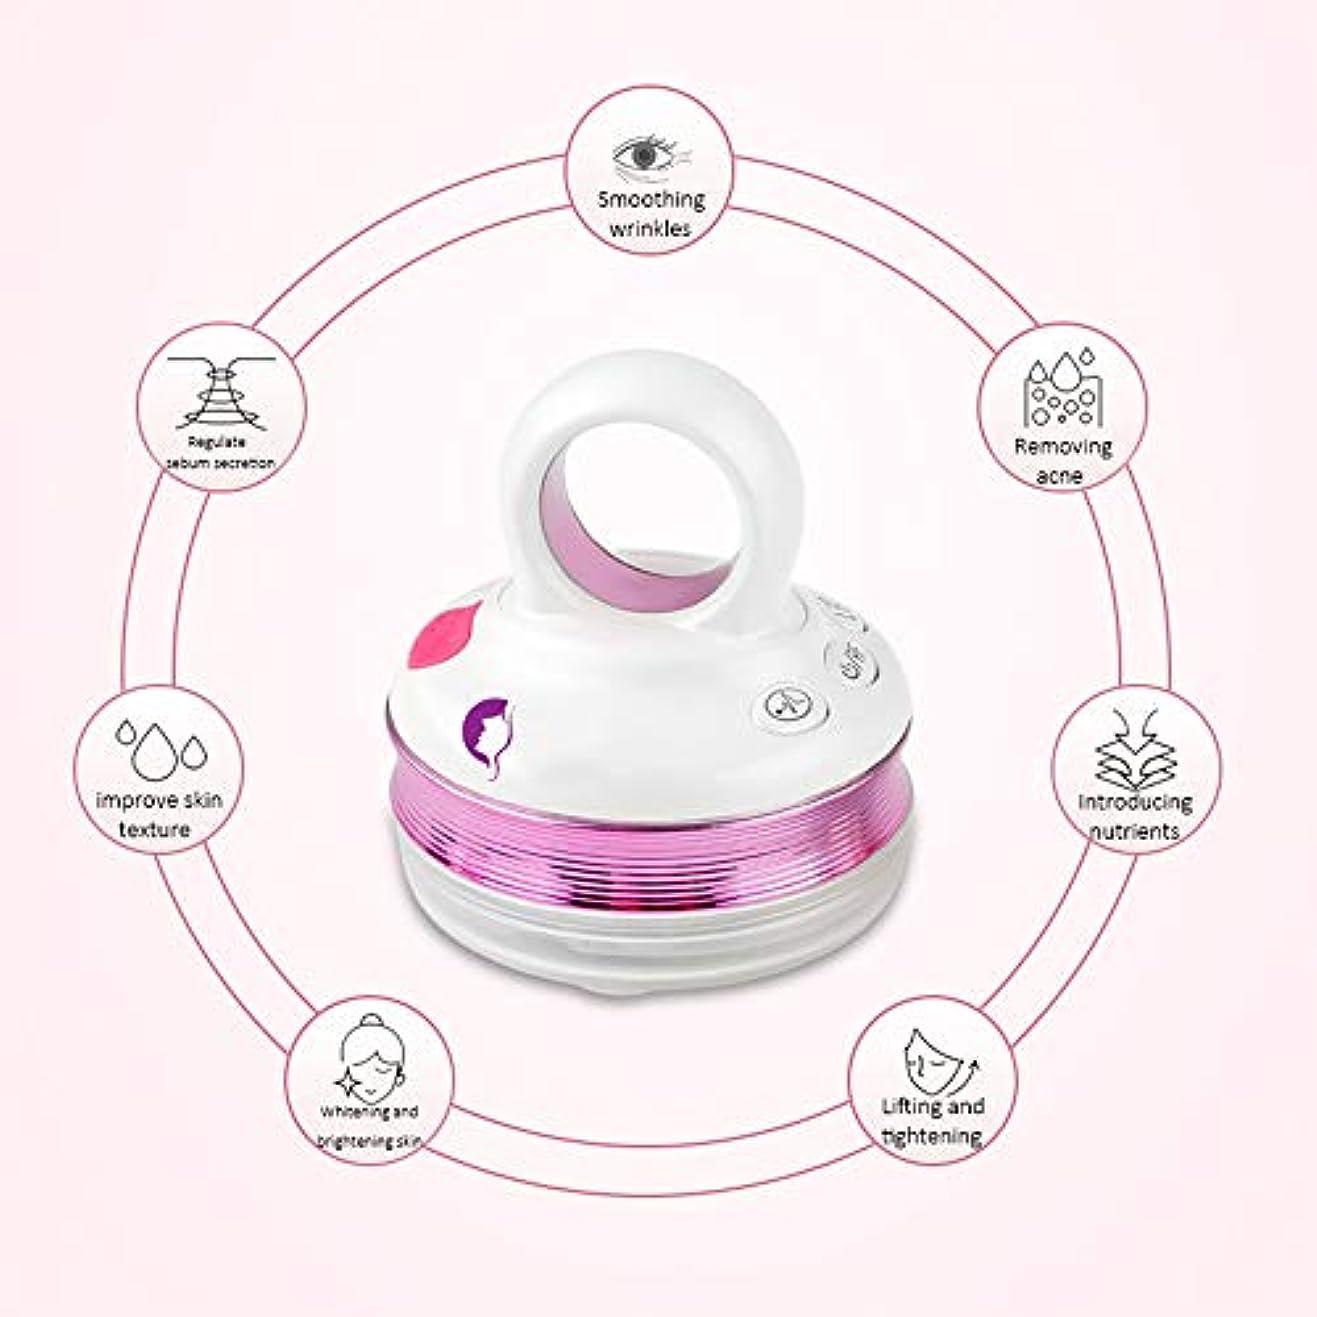 ムス慰め感嘆符RFラジオ周波数フェイシャルマシン、EMSマッサージャー、ハンドヘルドフェイシャルイオン導入美容機器、家庭用美容機器振動機器,Purple